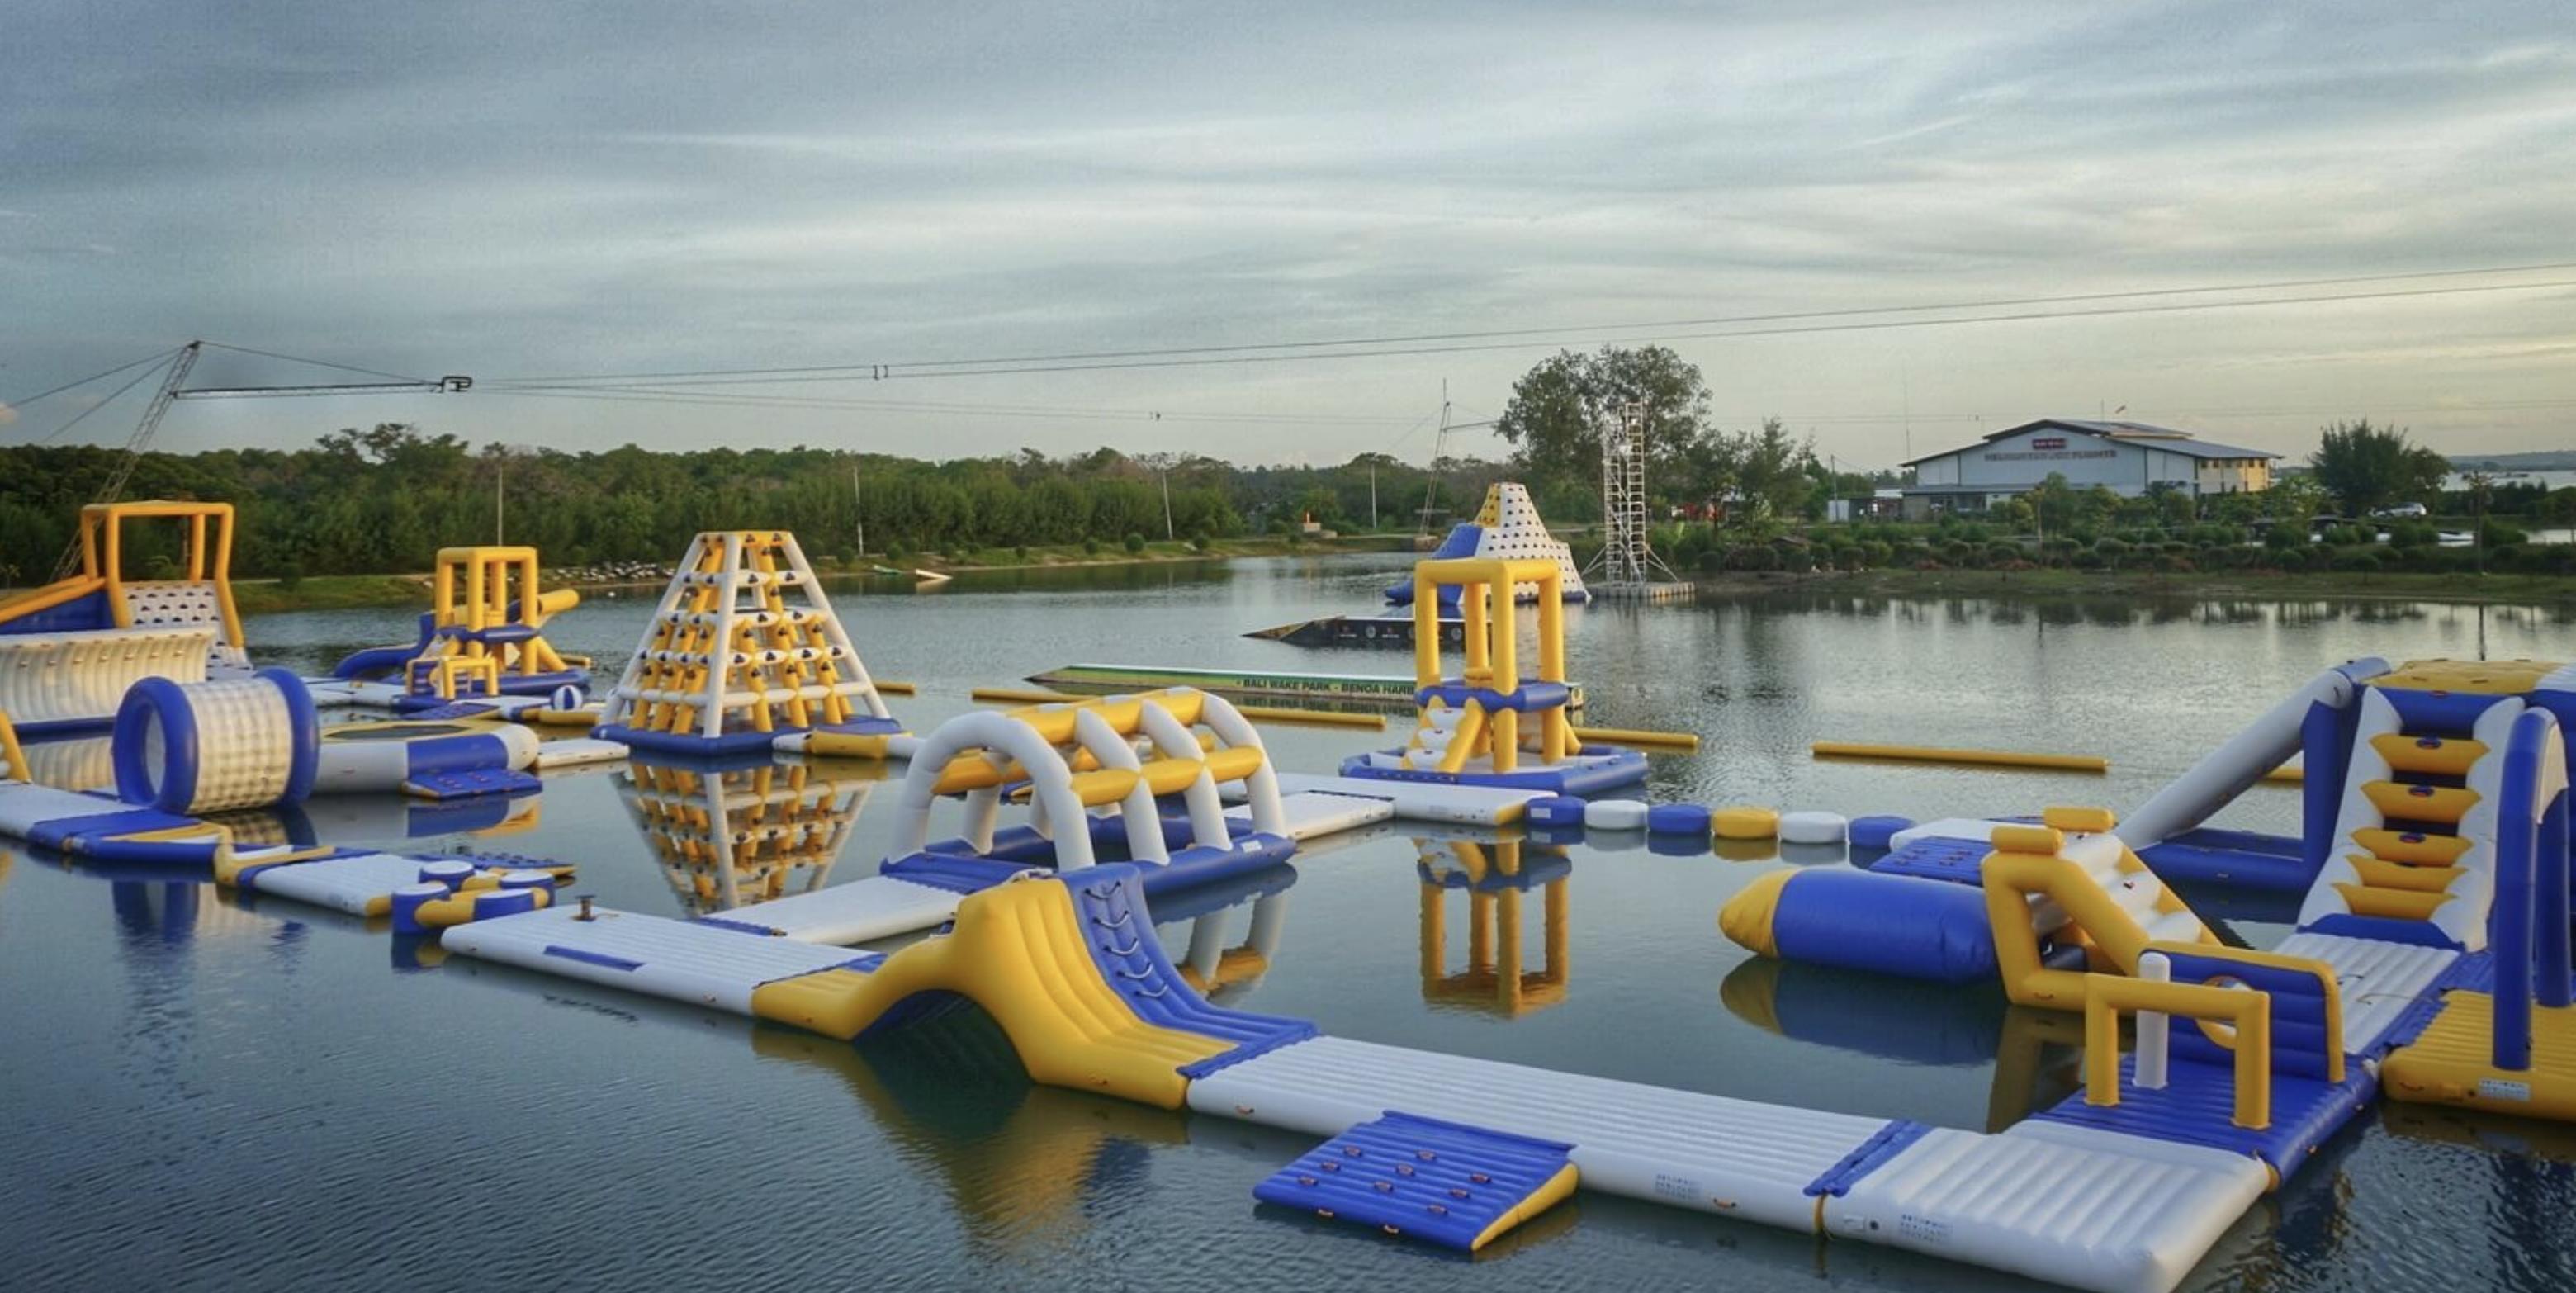 bali-wake-park-and-aqualand